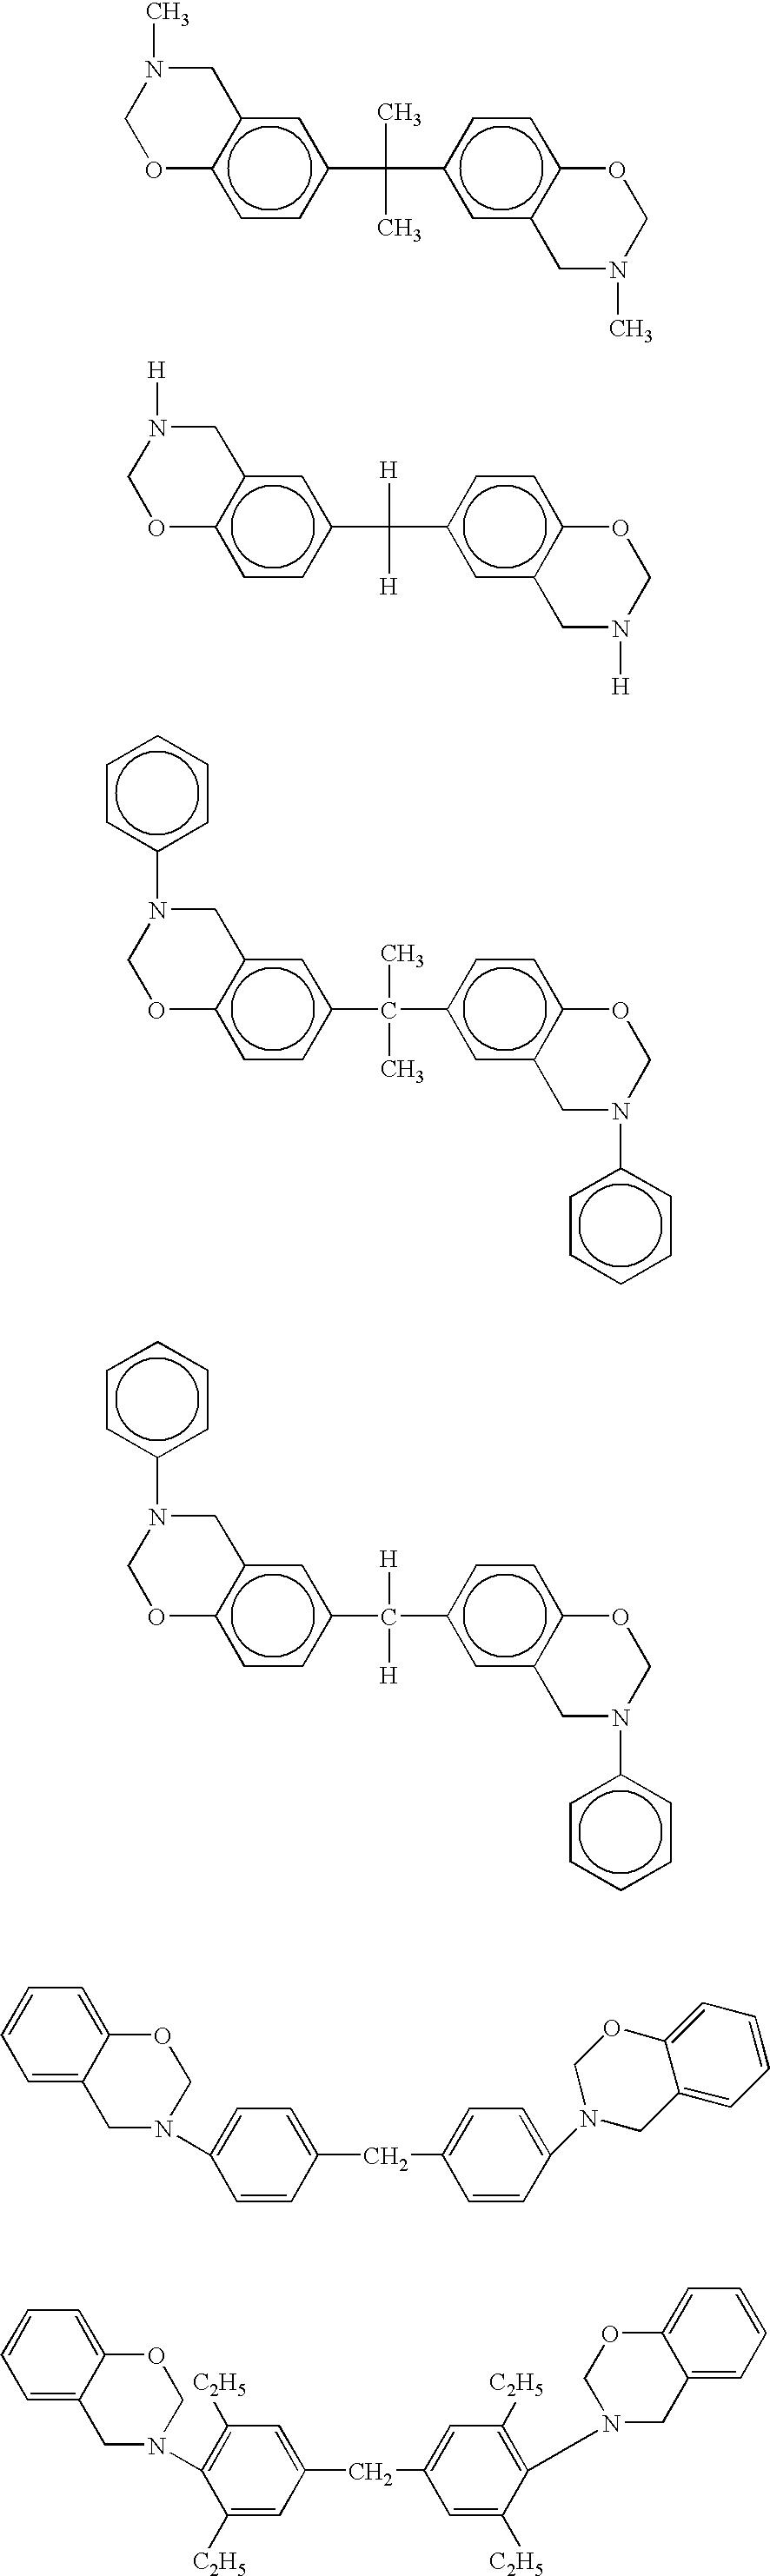 Figure US20060240261A1-20061026-C00008